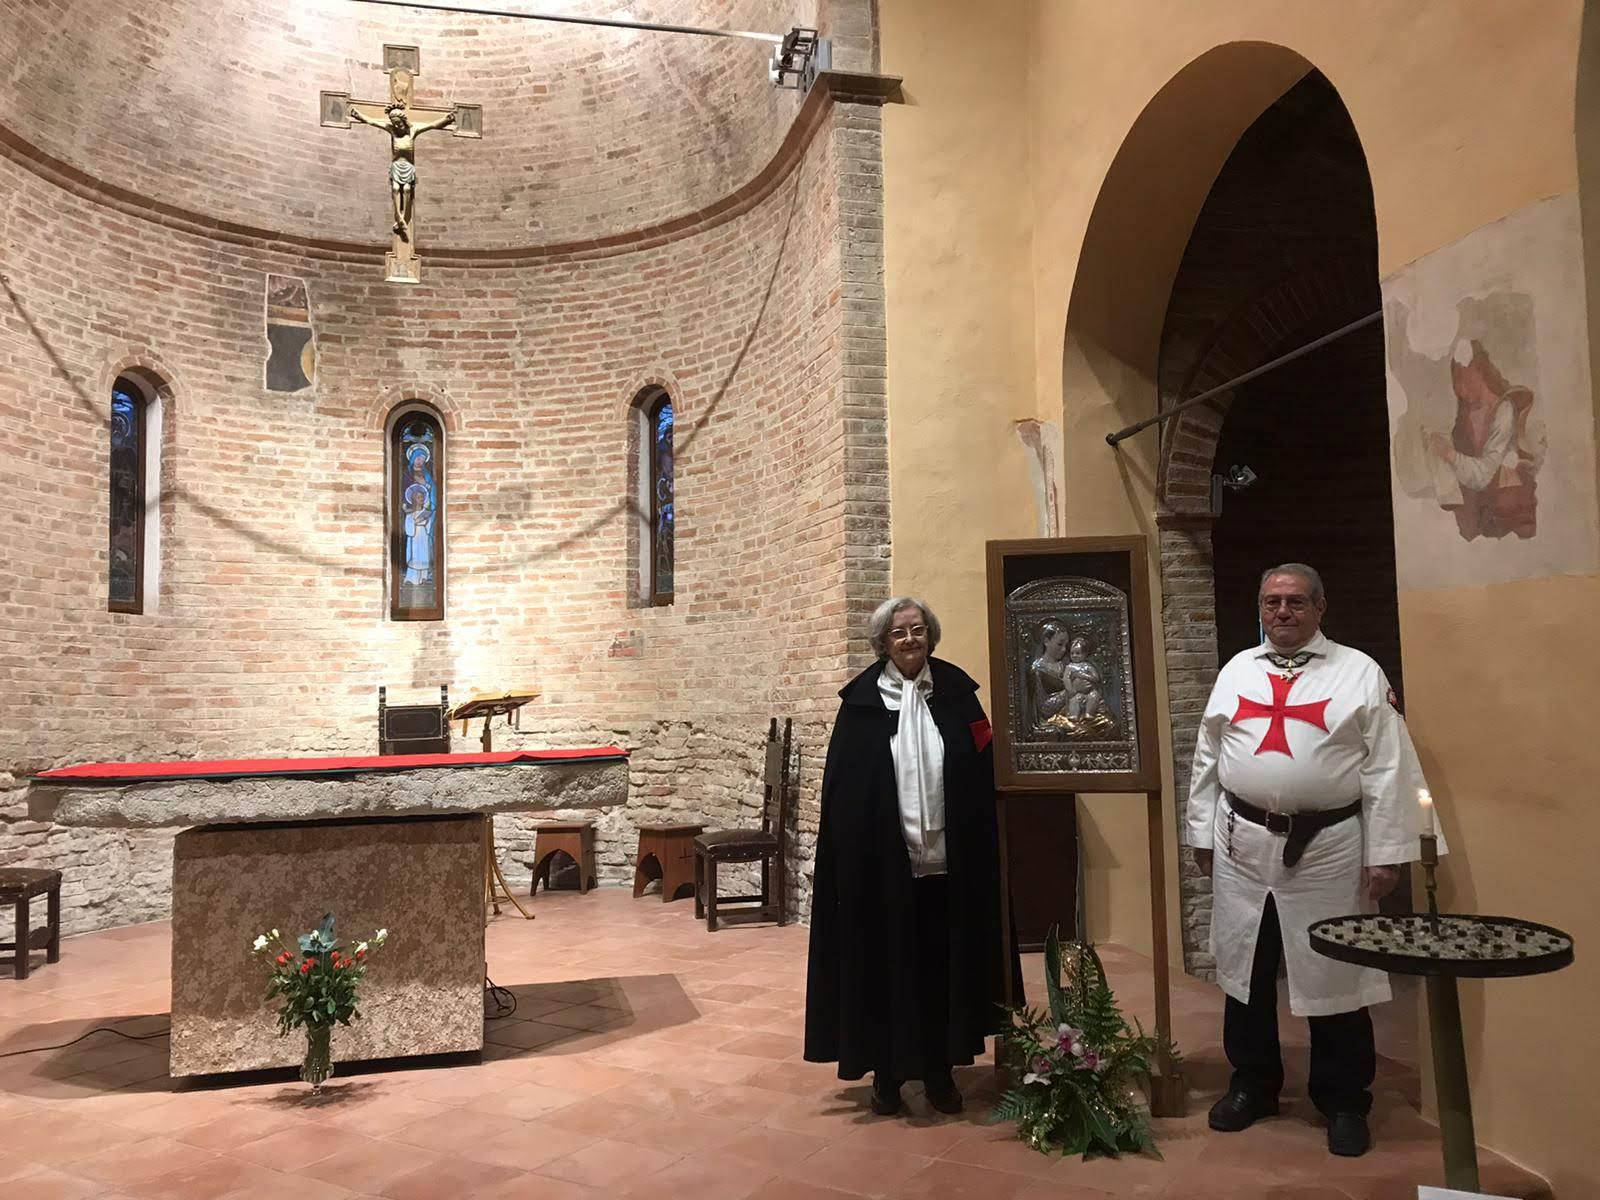 Turno di custodia – Pieve di Santa Maria in acquedotto – Forlì 24.11.2019